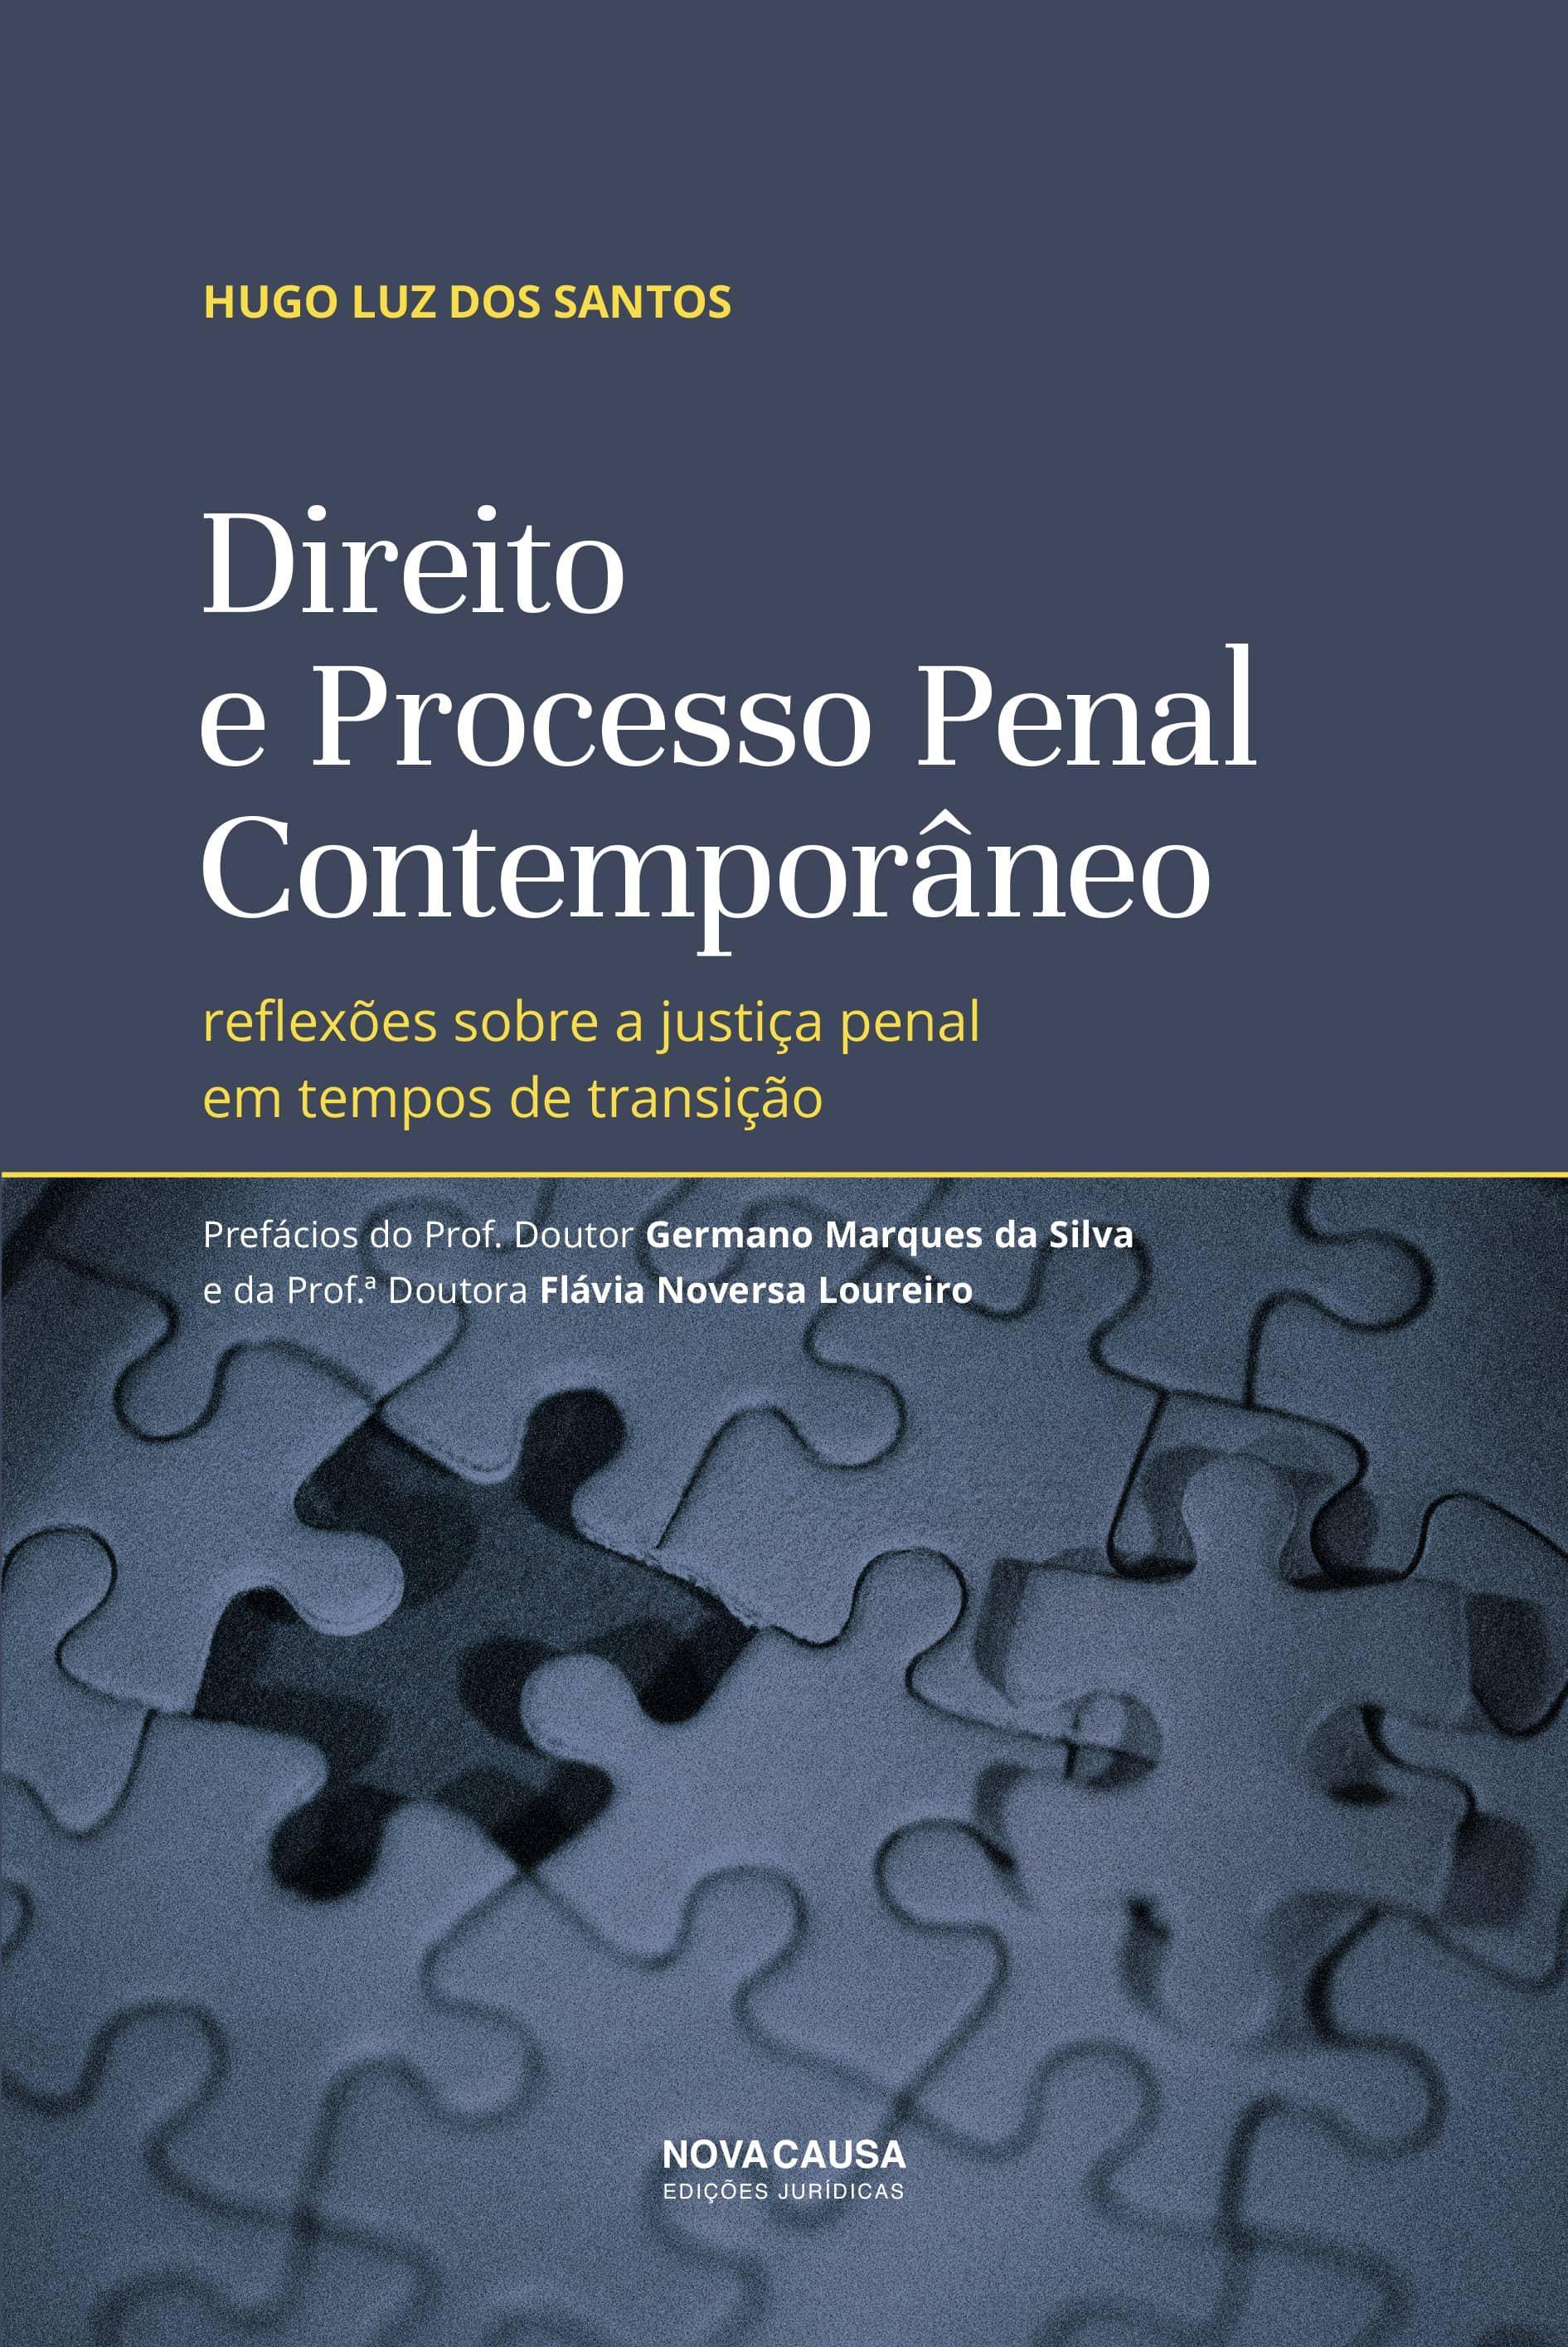 Direito e Processo Penal Contemporâneo: